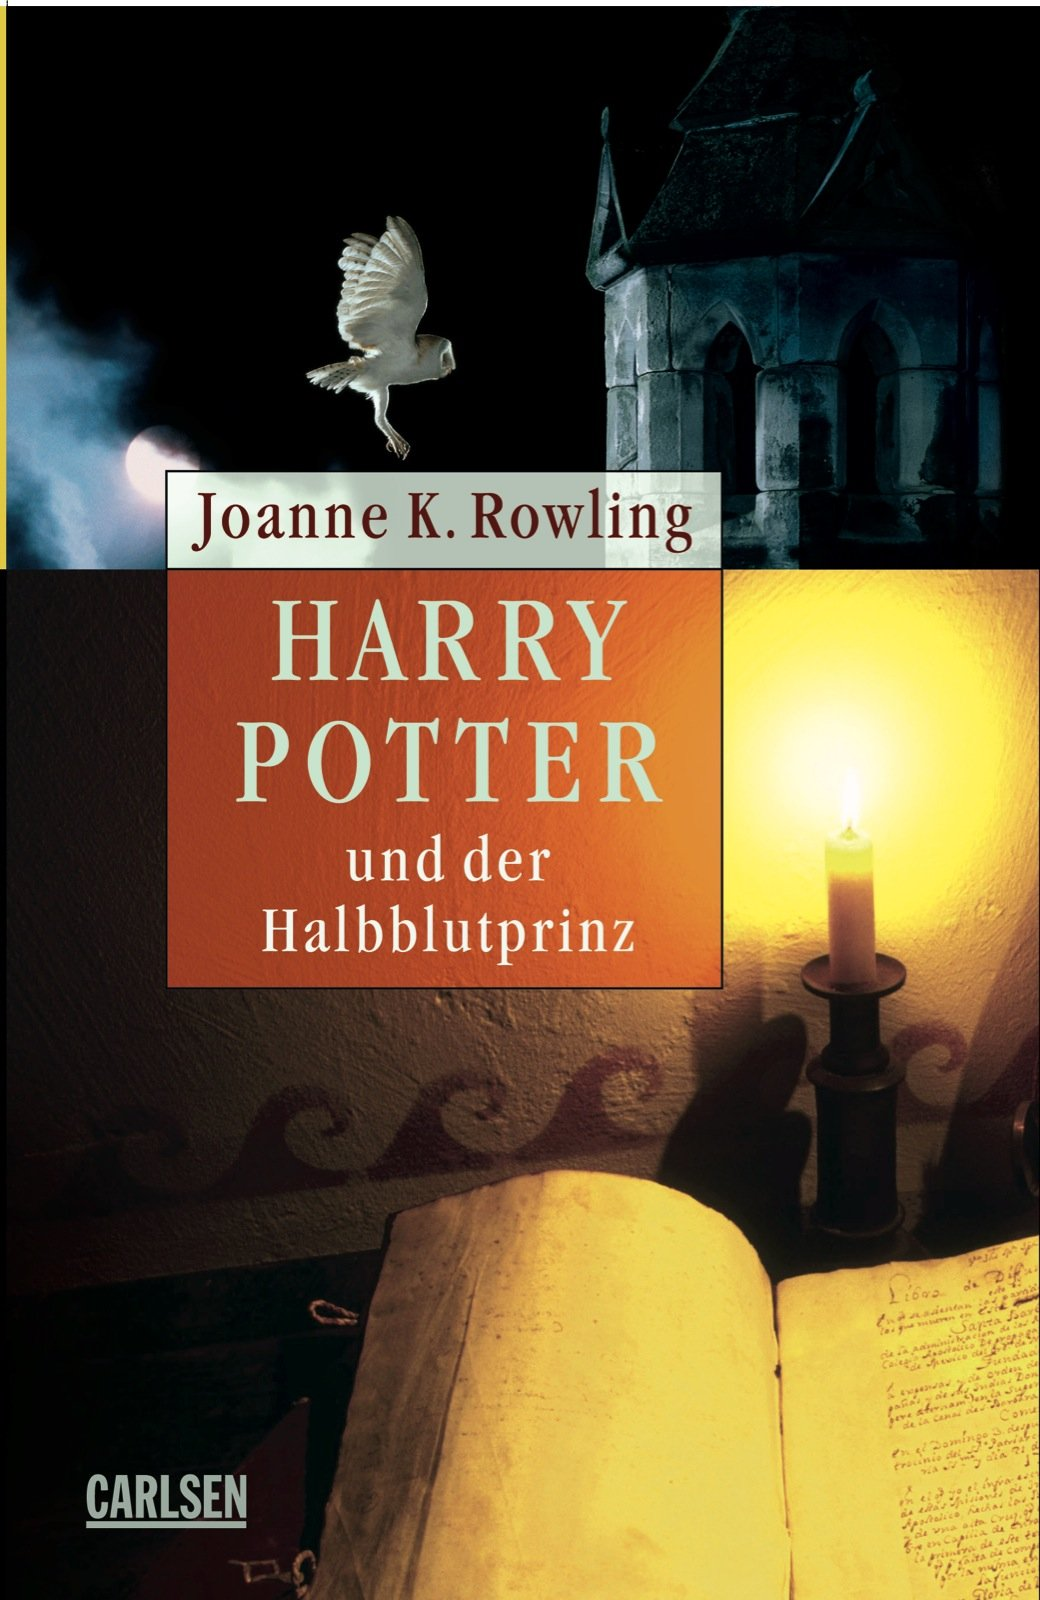 Harry Potter und der Halbblutprinz (Band 6) (Ausgabe für Erwachsene)